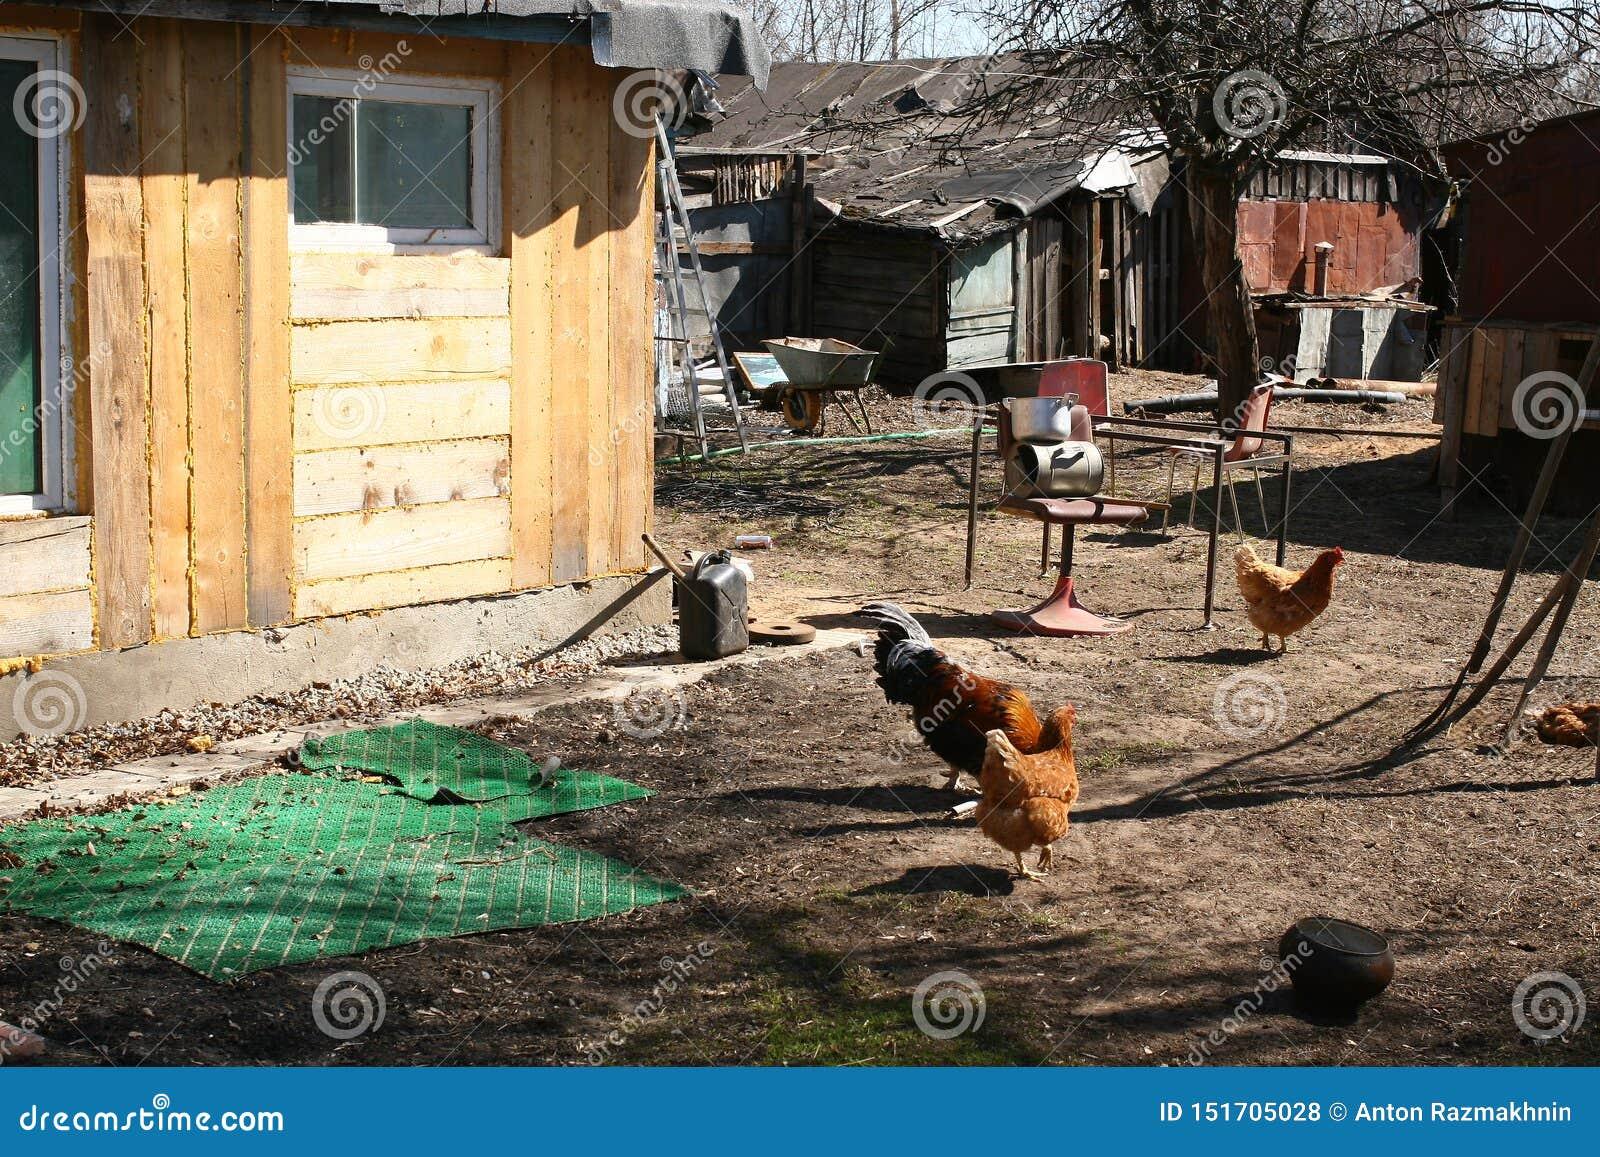 Backyard, Decayed Russian Village